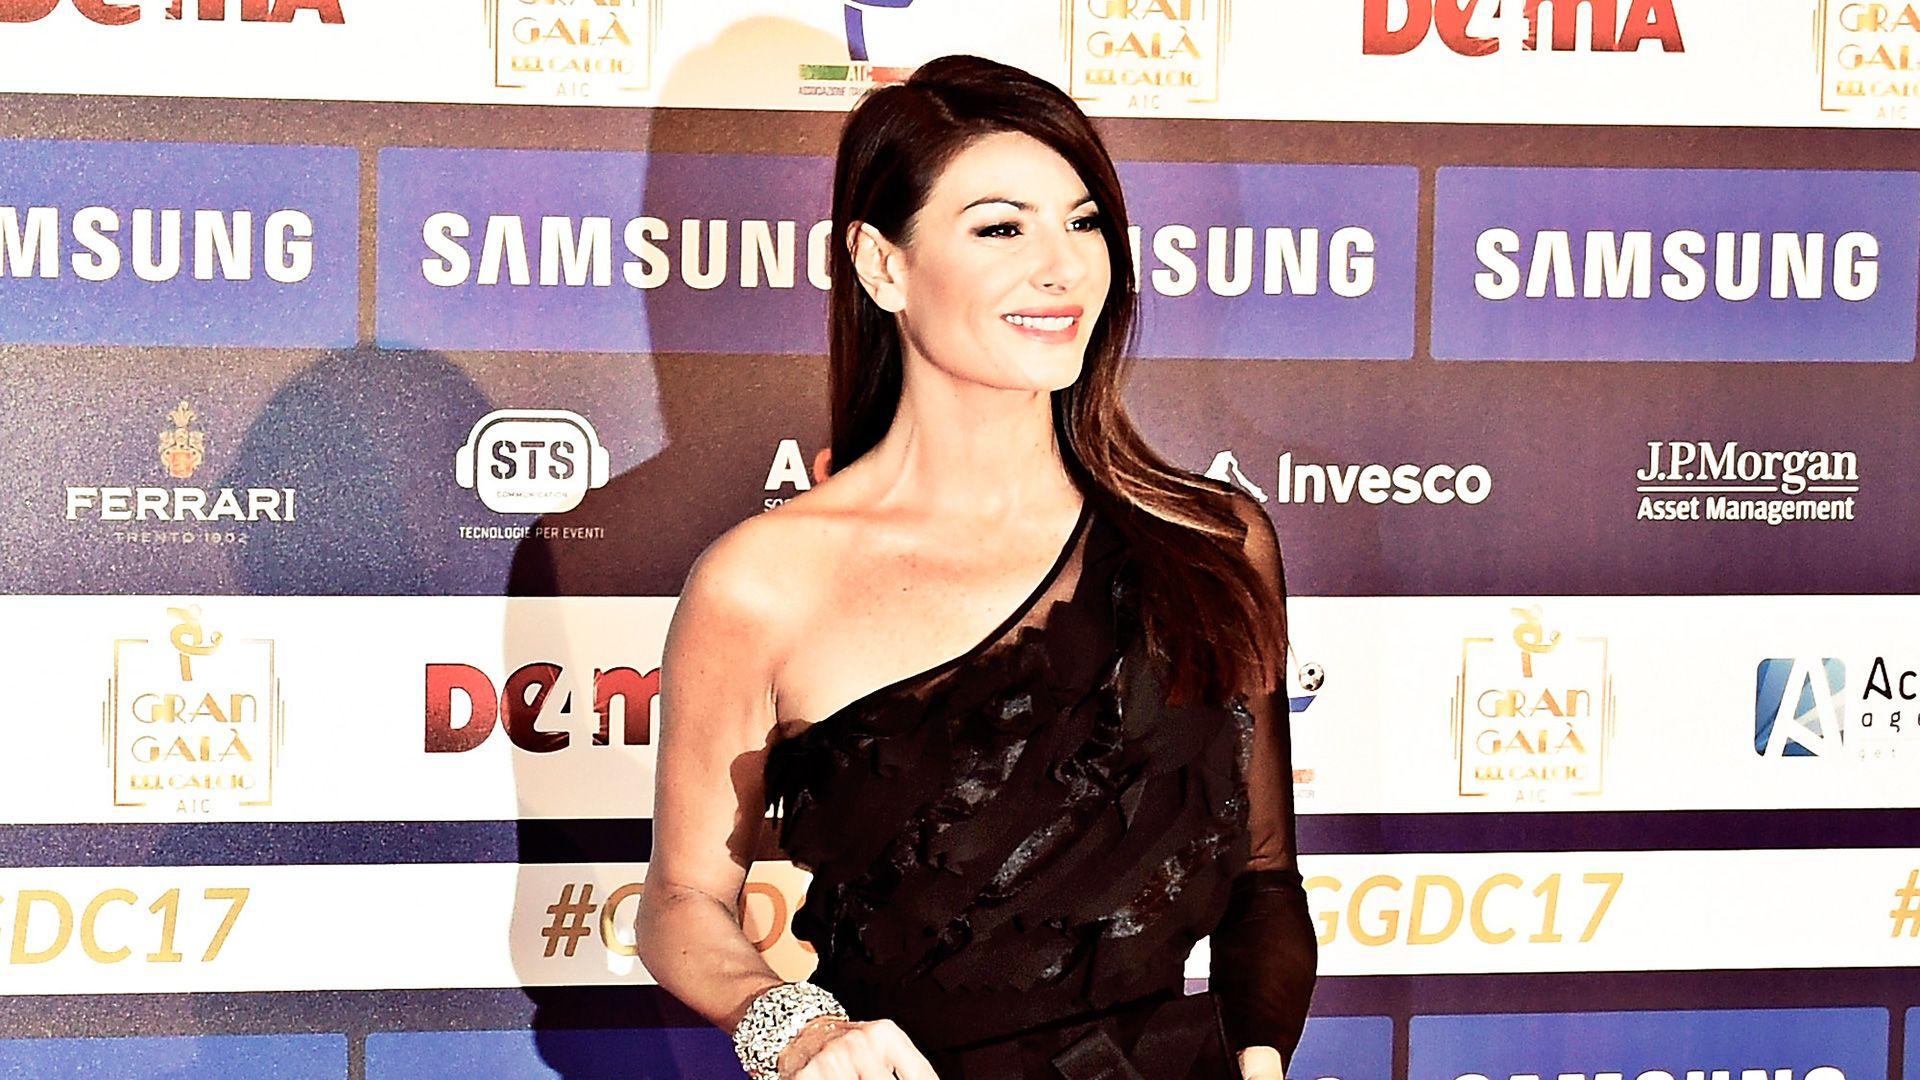 Llaria D' Amico: La sexy presentadora de los premios The Best es novia de Buffon